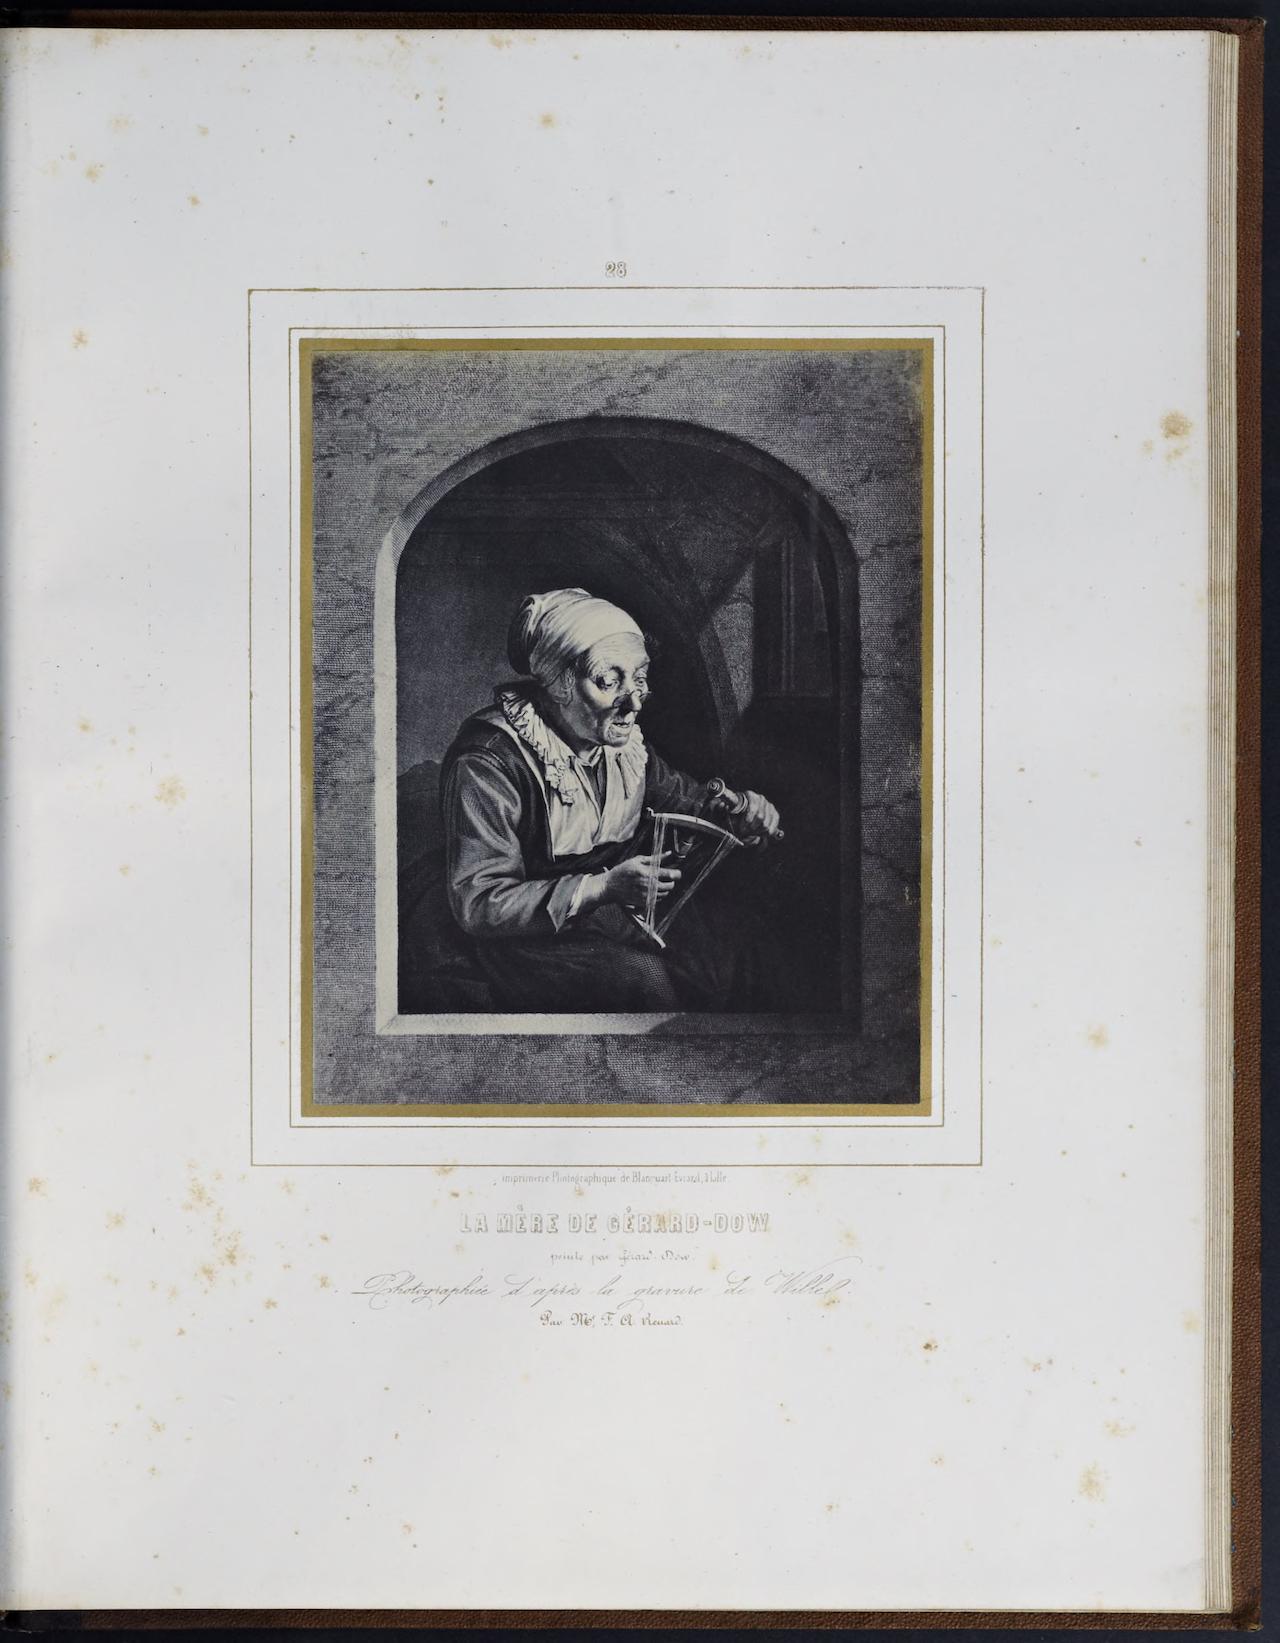 """Louis Désiré Blanquart-Evrard, """"La Mère de Gérard-Dow"""" from """"Album photographique de l'artiste et de l'amateur"""" (1851)"""